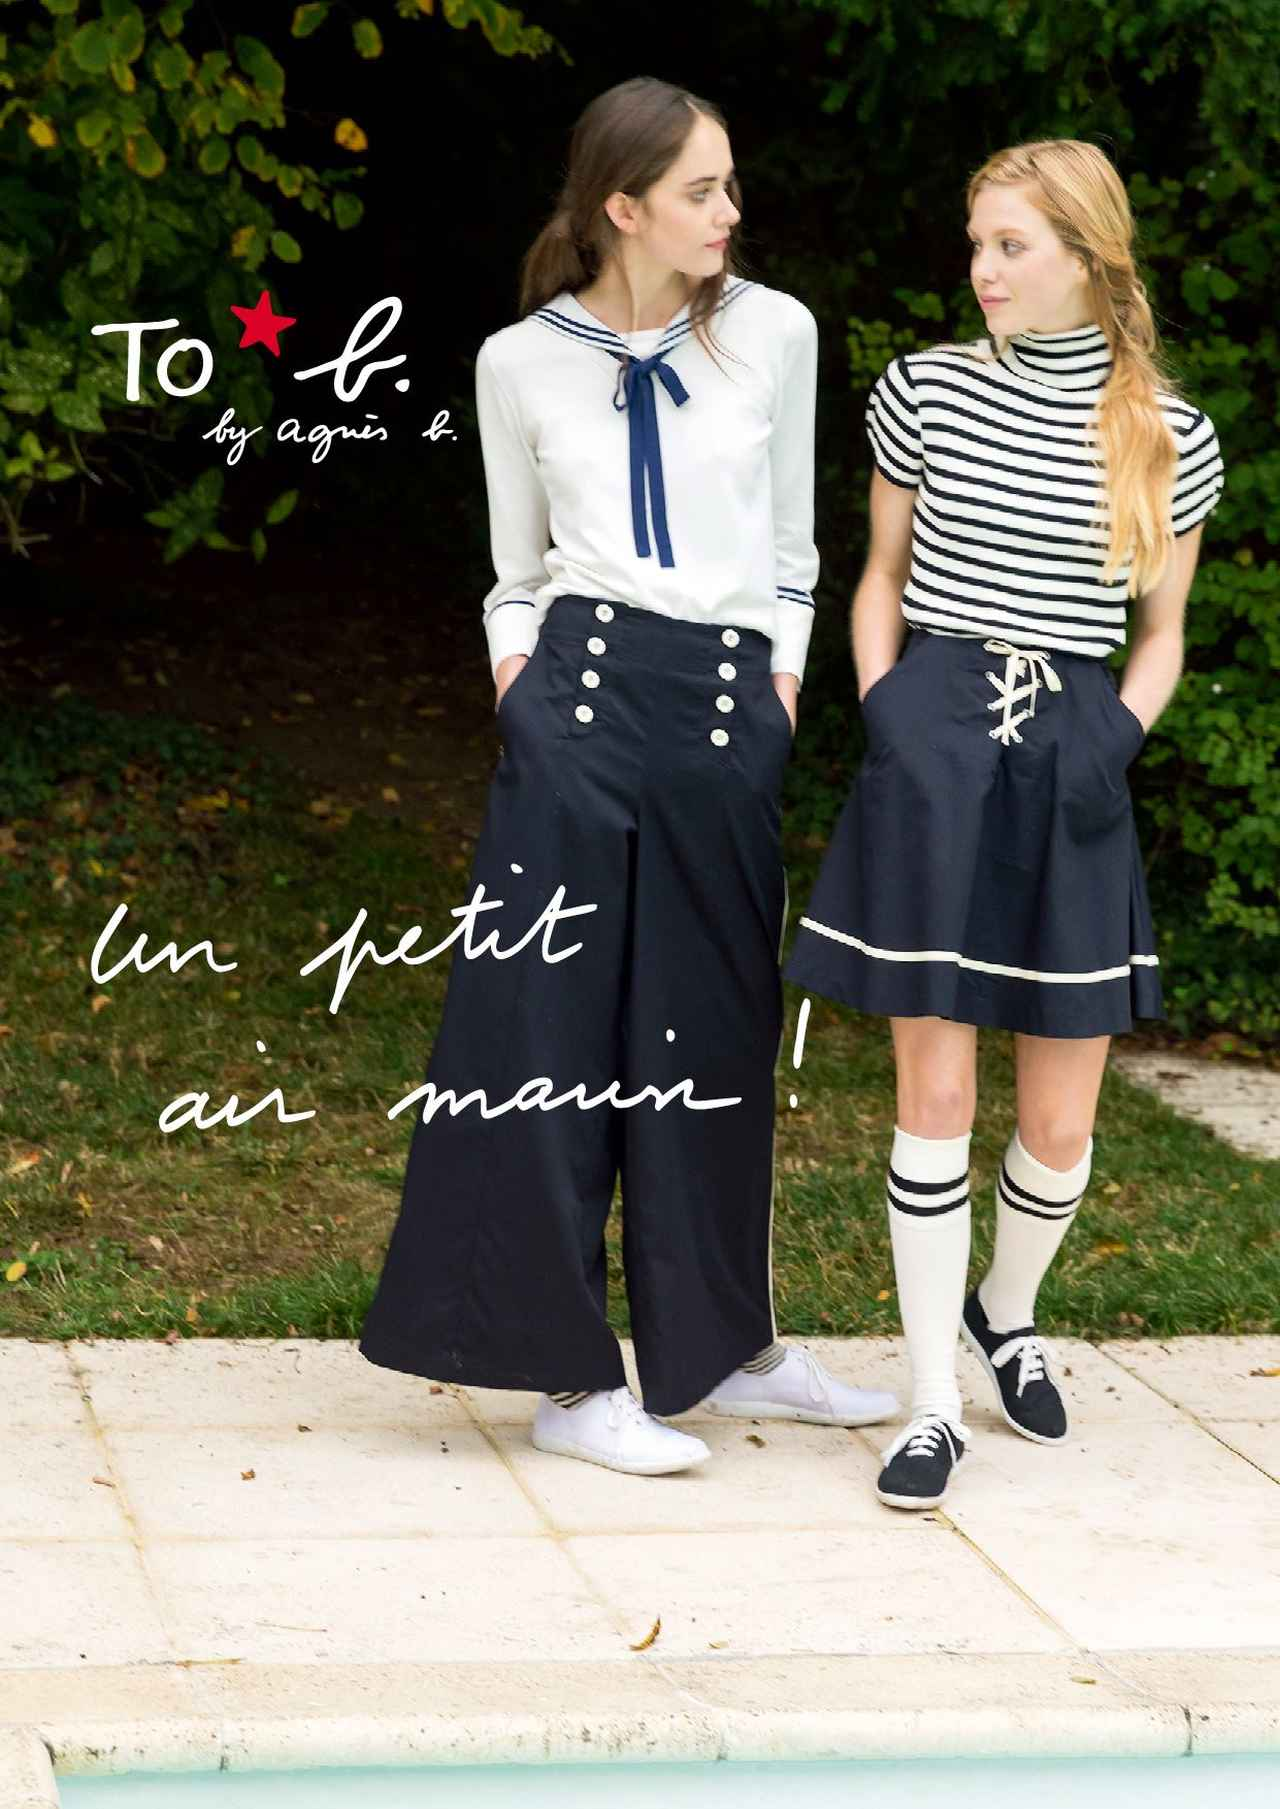 """画像1: """"Un petit air marin !""""~マリンな気分~ キャンペーン"""